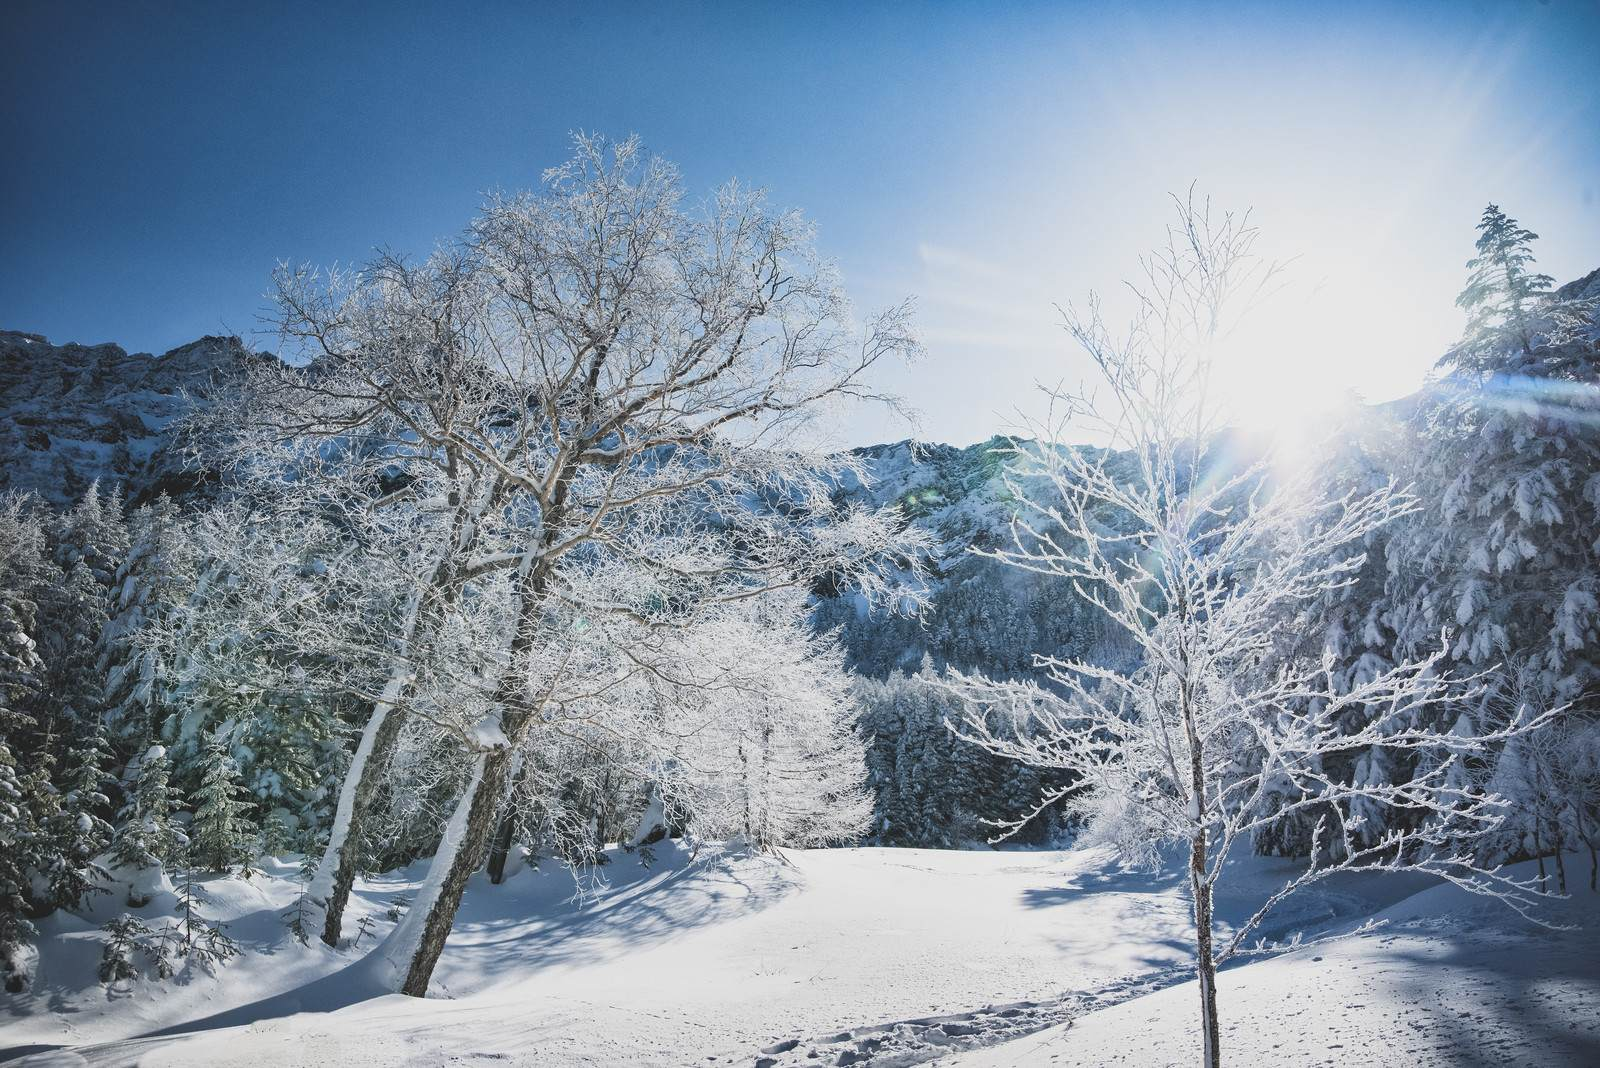 冬』が付く漢字の熟語と意味 一覧|二文字・三文字・四文字 | ORIGAMI ...